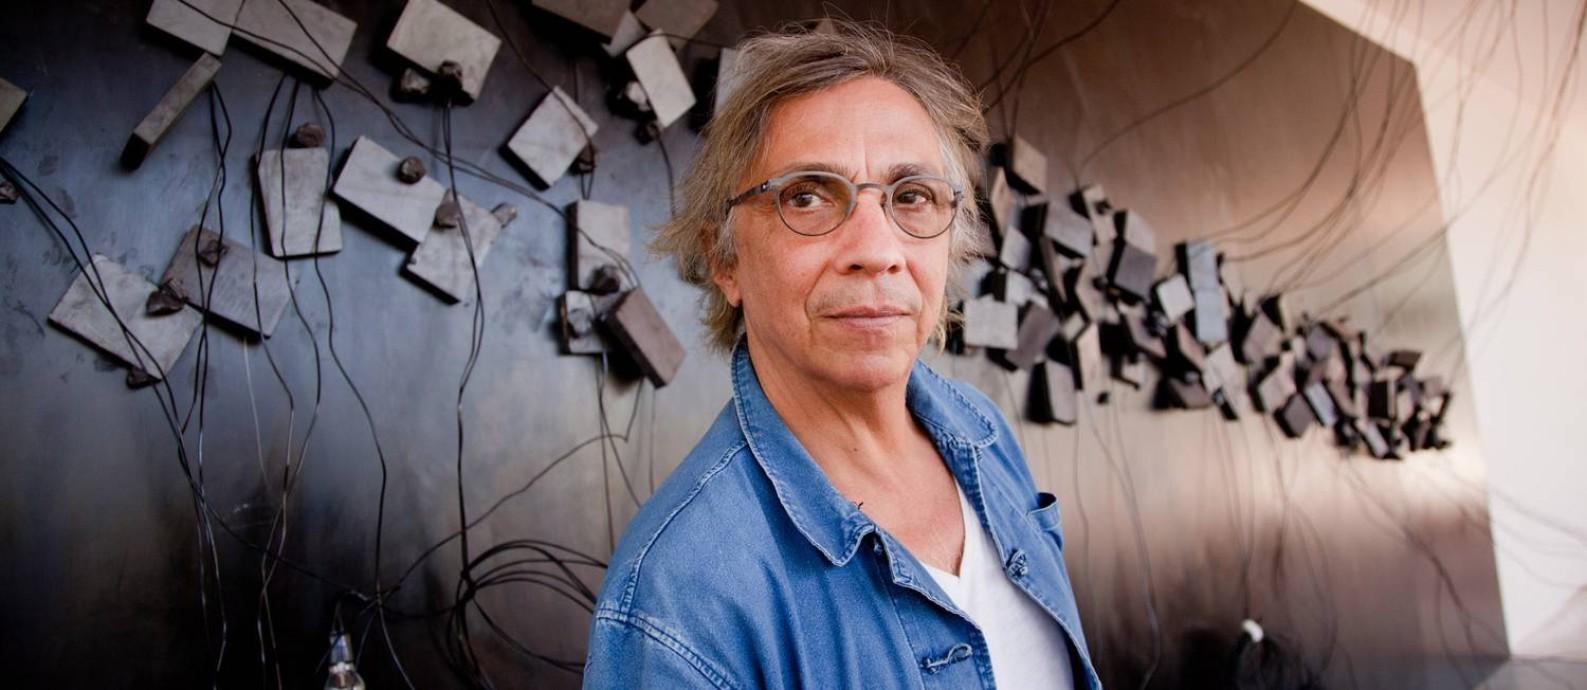 O artista plástico Tunga em Inhotim Foto: Daniela Paoliello / Agência O Globo